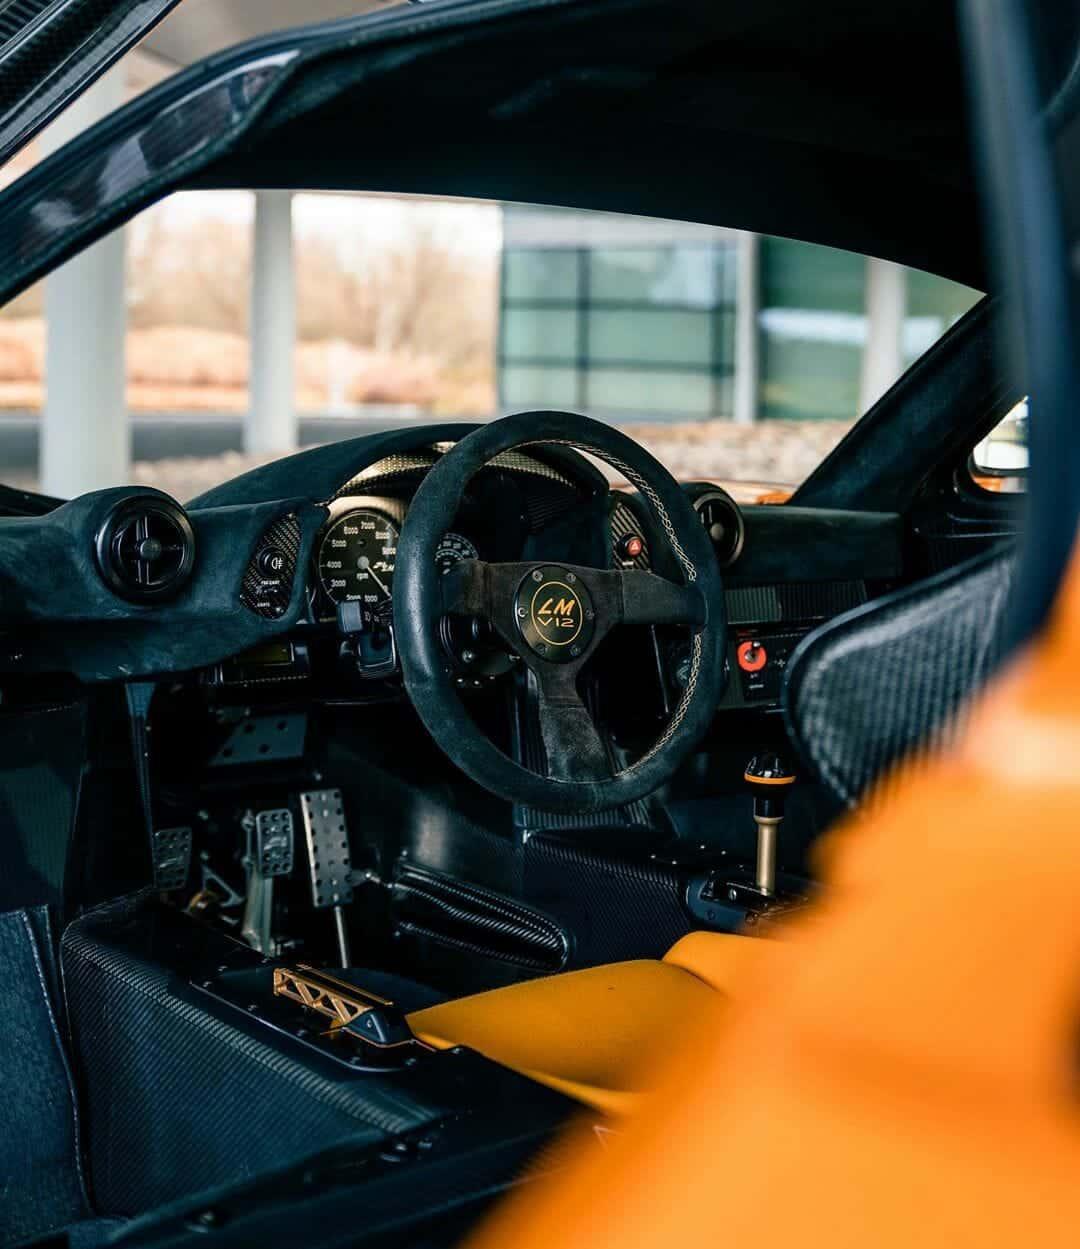 McLaren F1 LM - Image 7